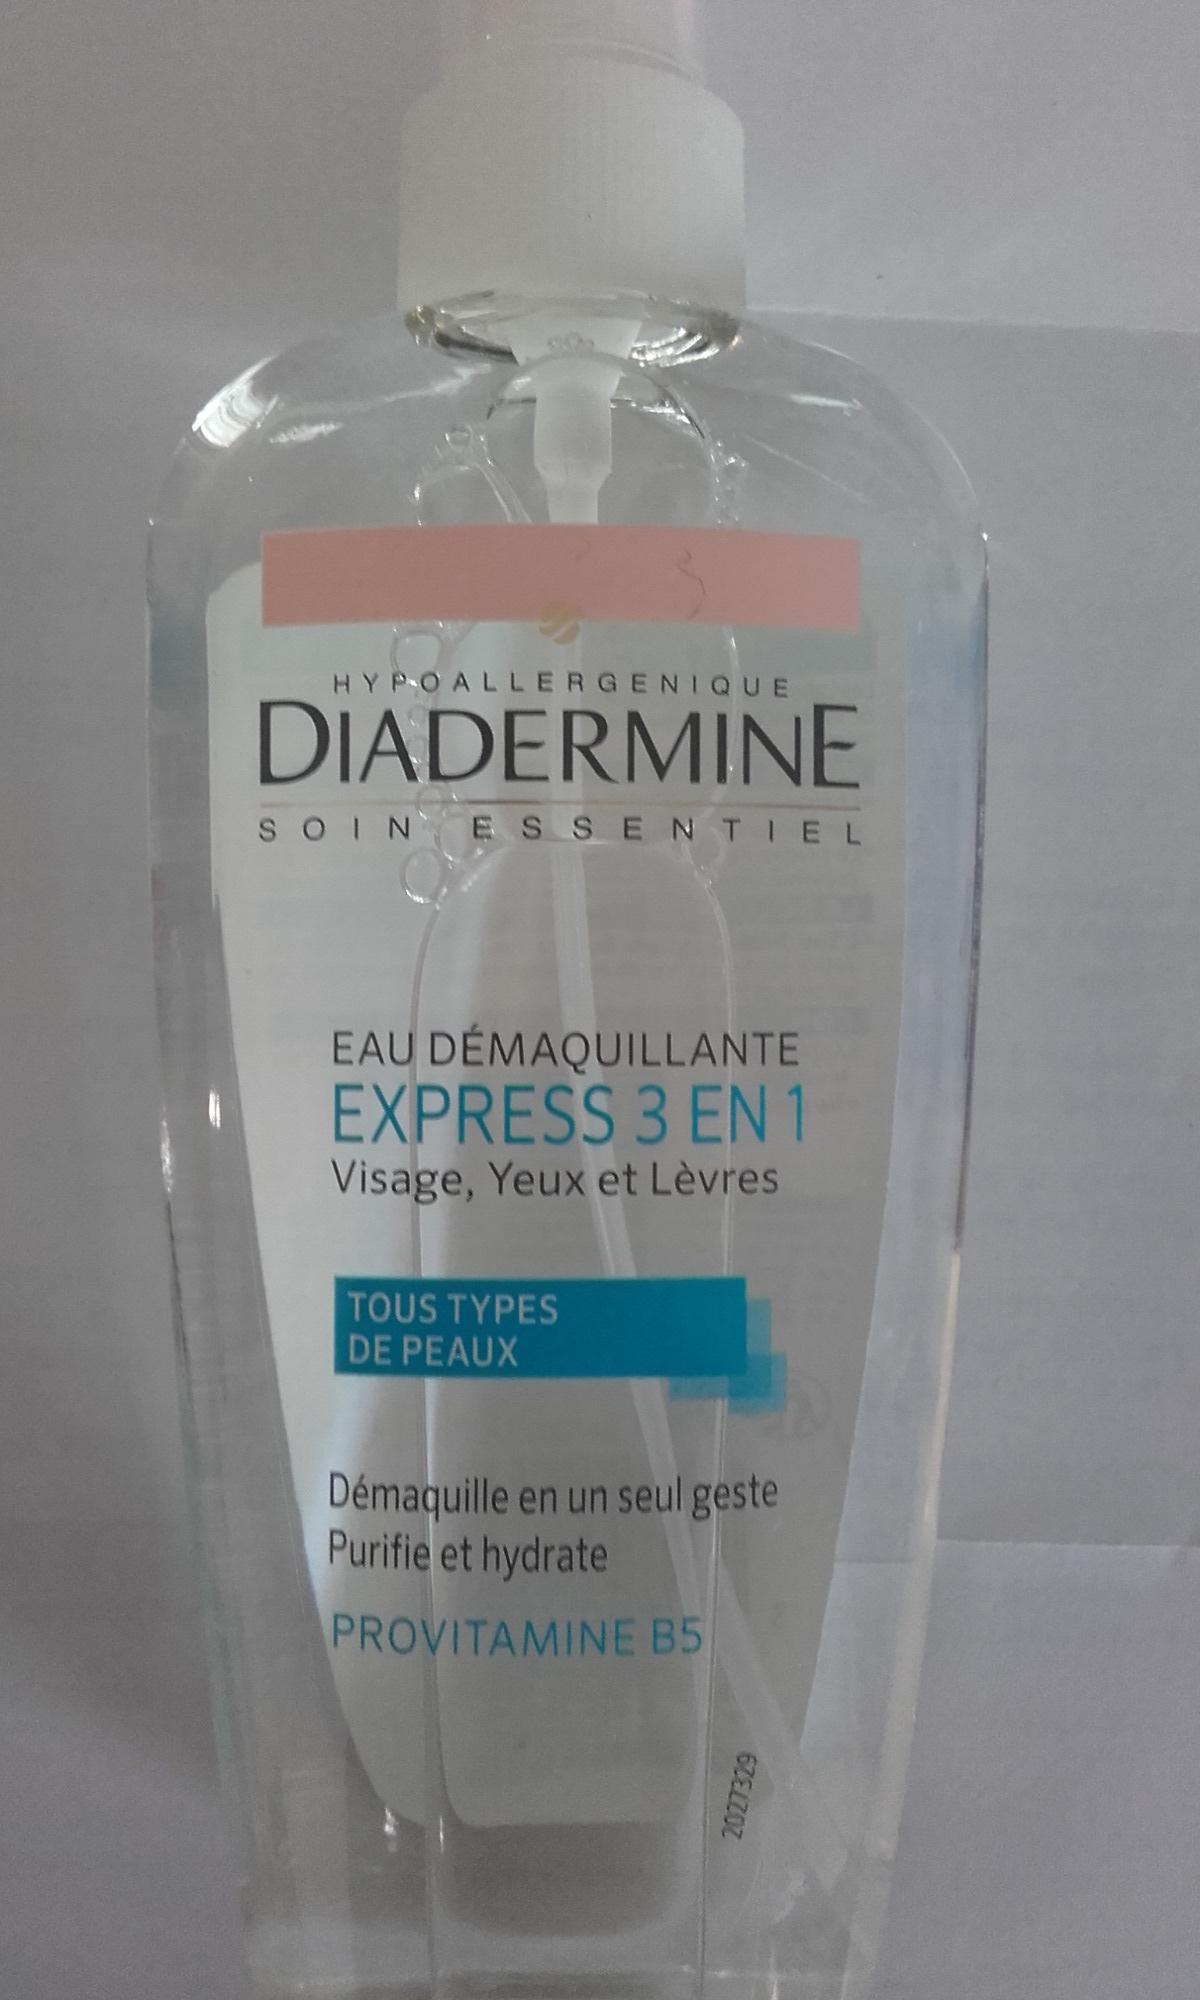 Eau Démaquillante Express 3 en 1 Visage, Yeux et Lèvres - Product